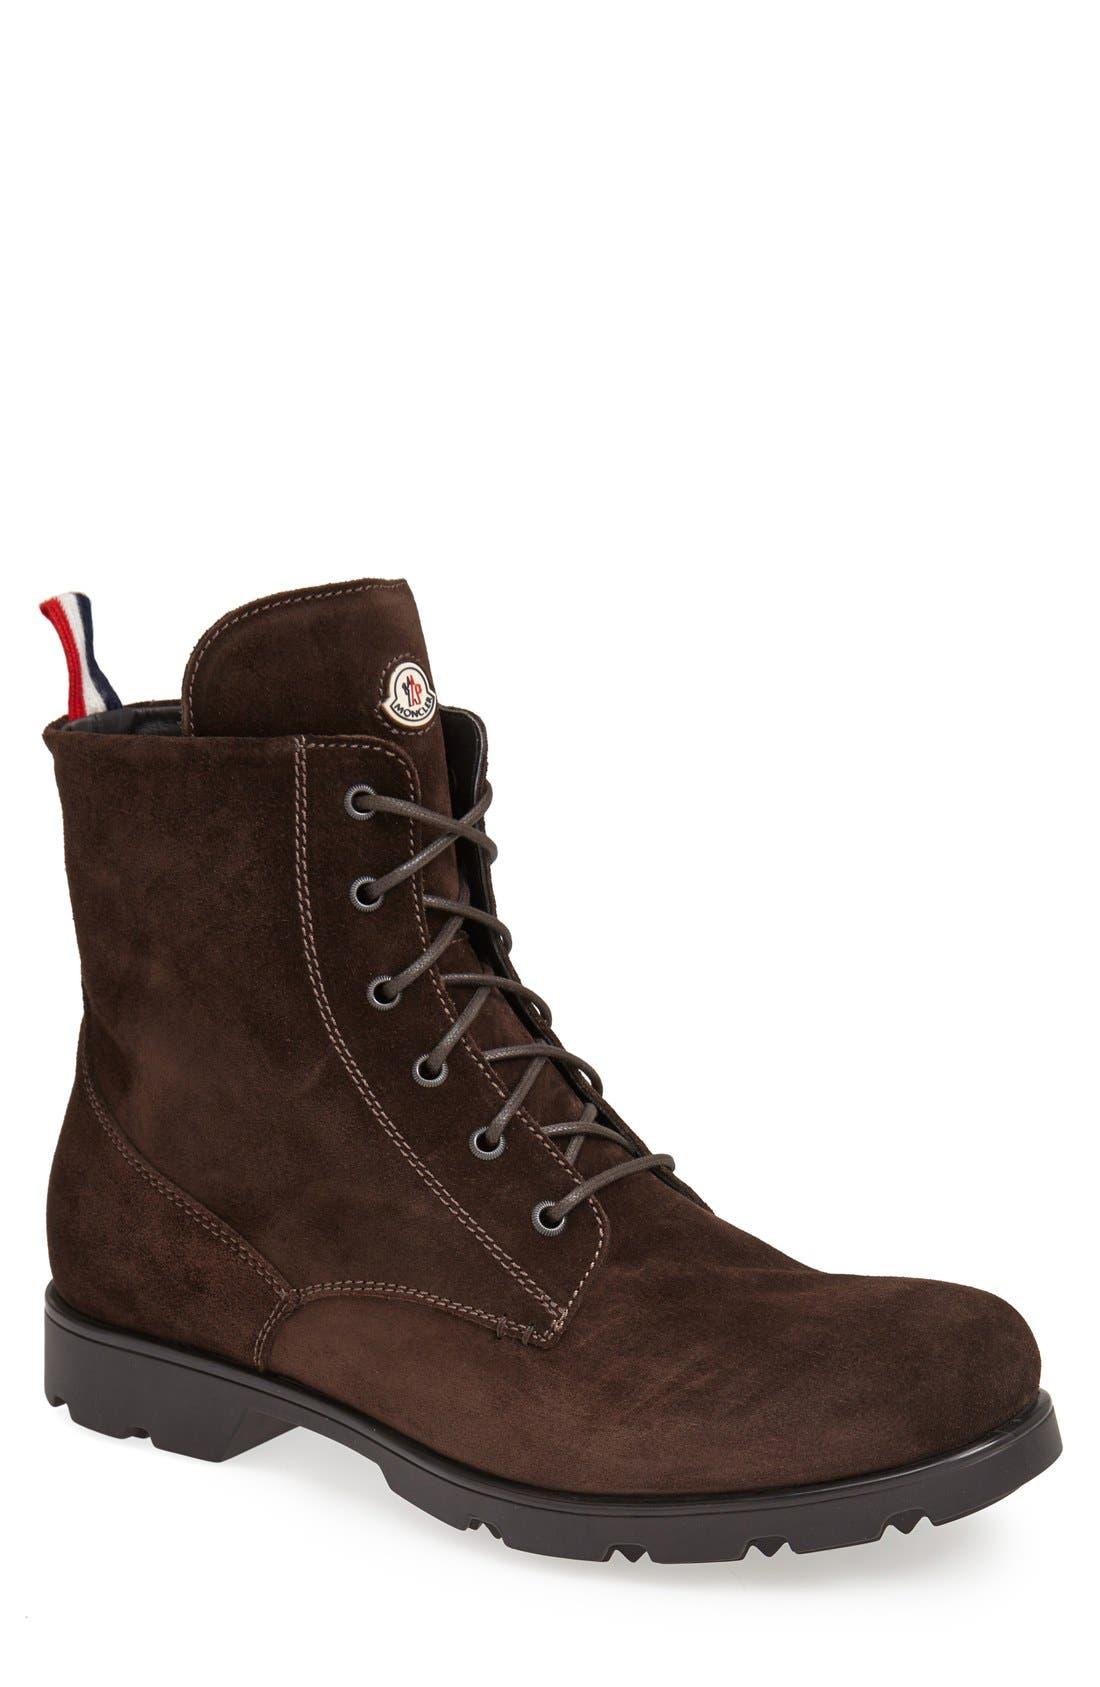 Main Image - Moncler 'Vancouver' Plain Toe Boot (Men)